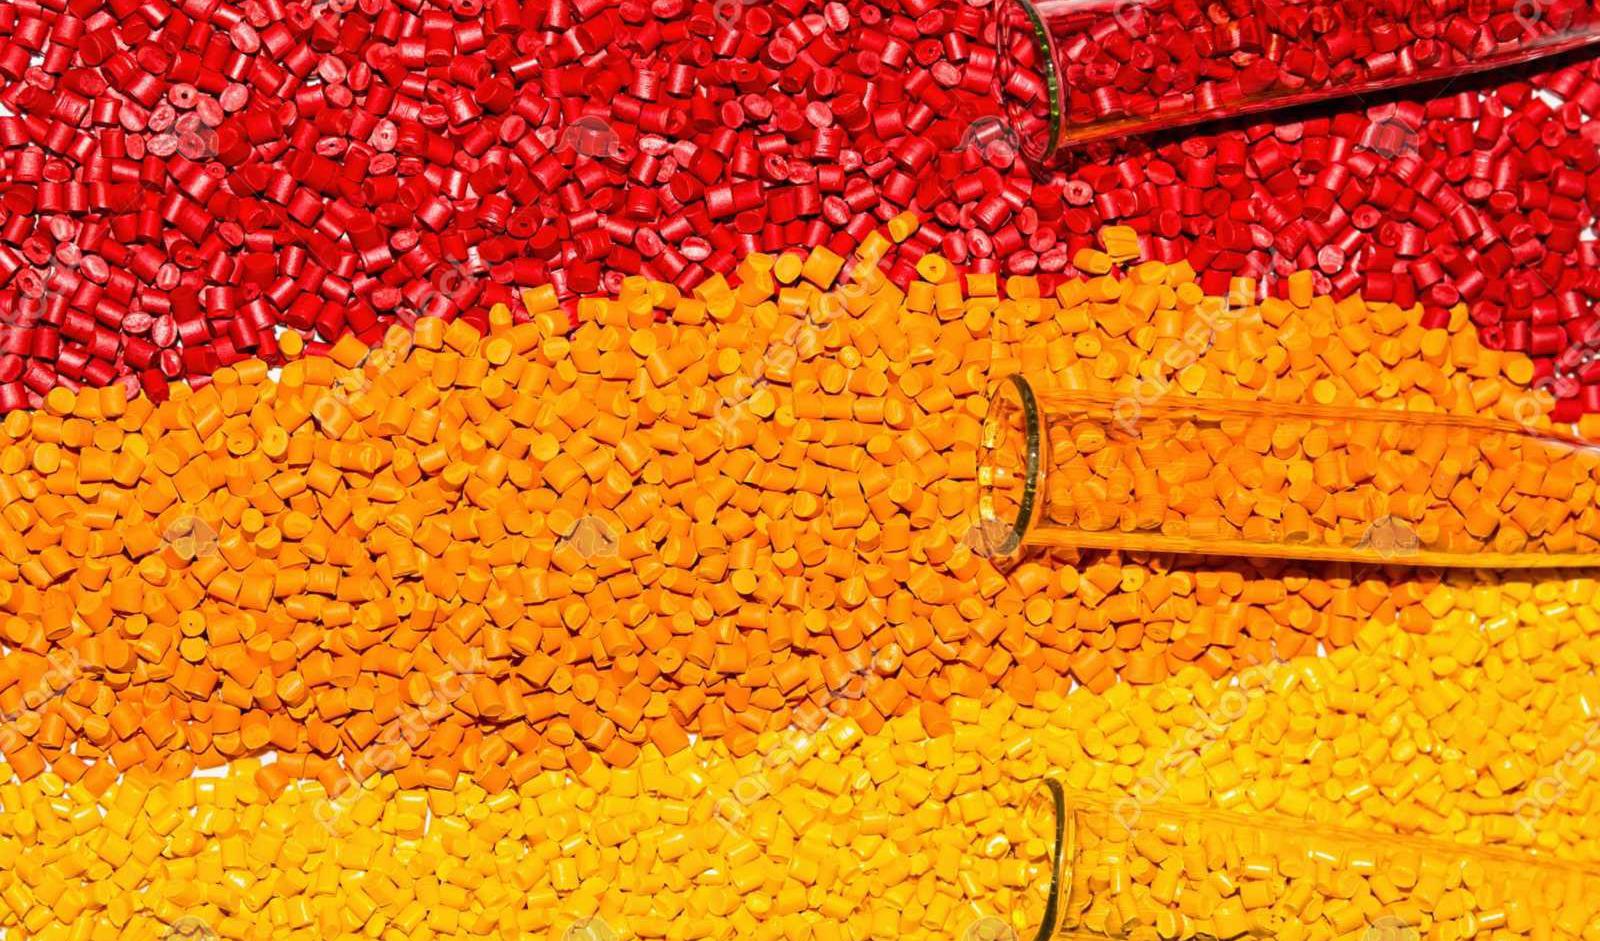 انعکاس روند کاهشی ارز بر بازار پلیمرها